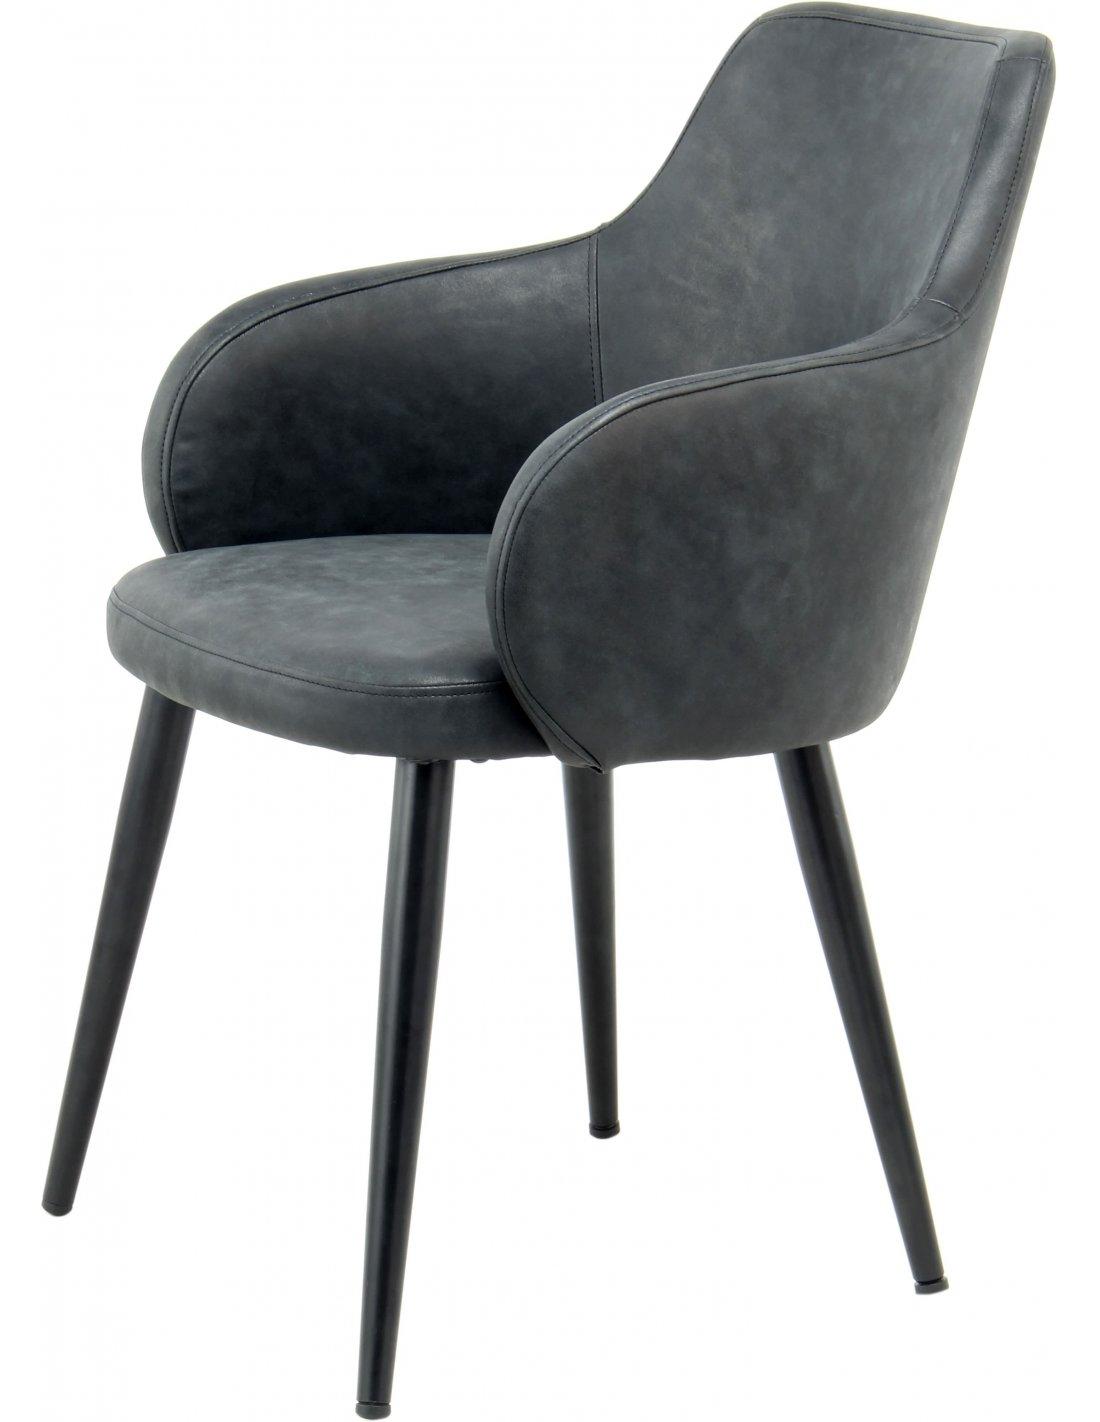 2 Pièce Lot Chaise Lot fauteuil en métal-Textiles Couleur Anthracite-Noir